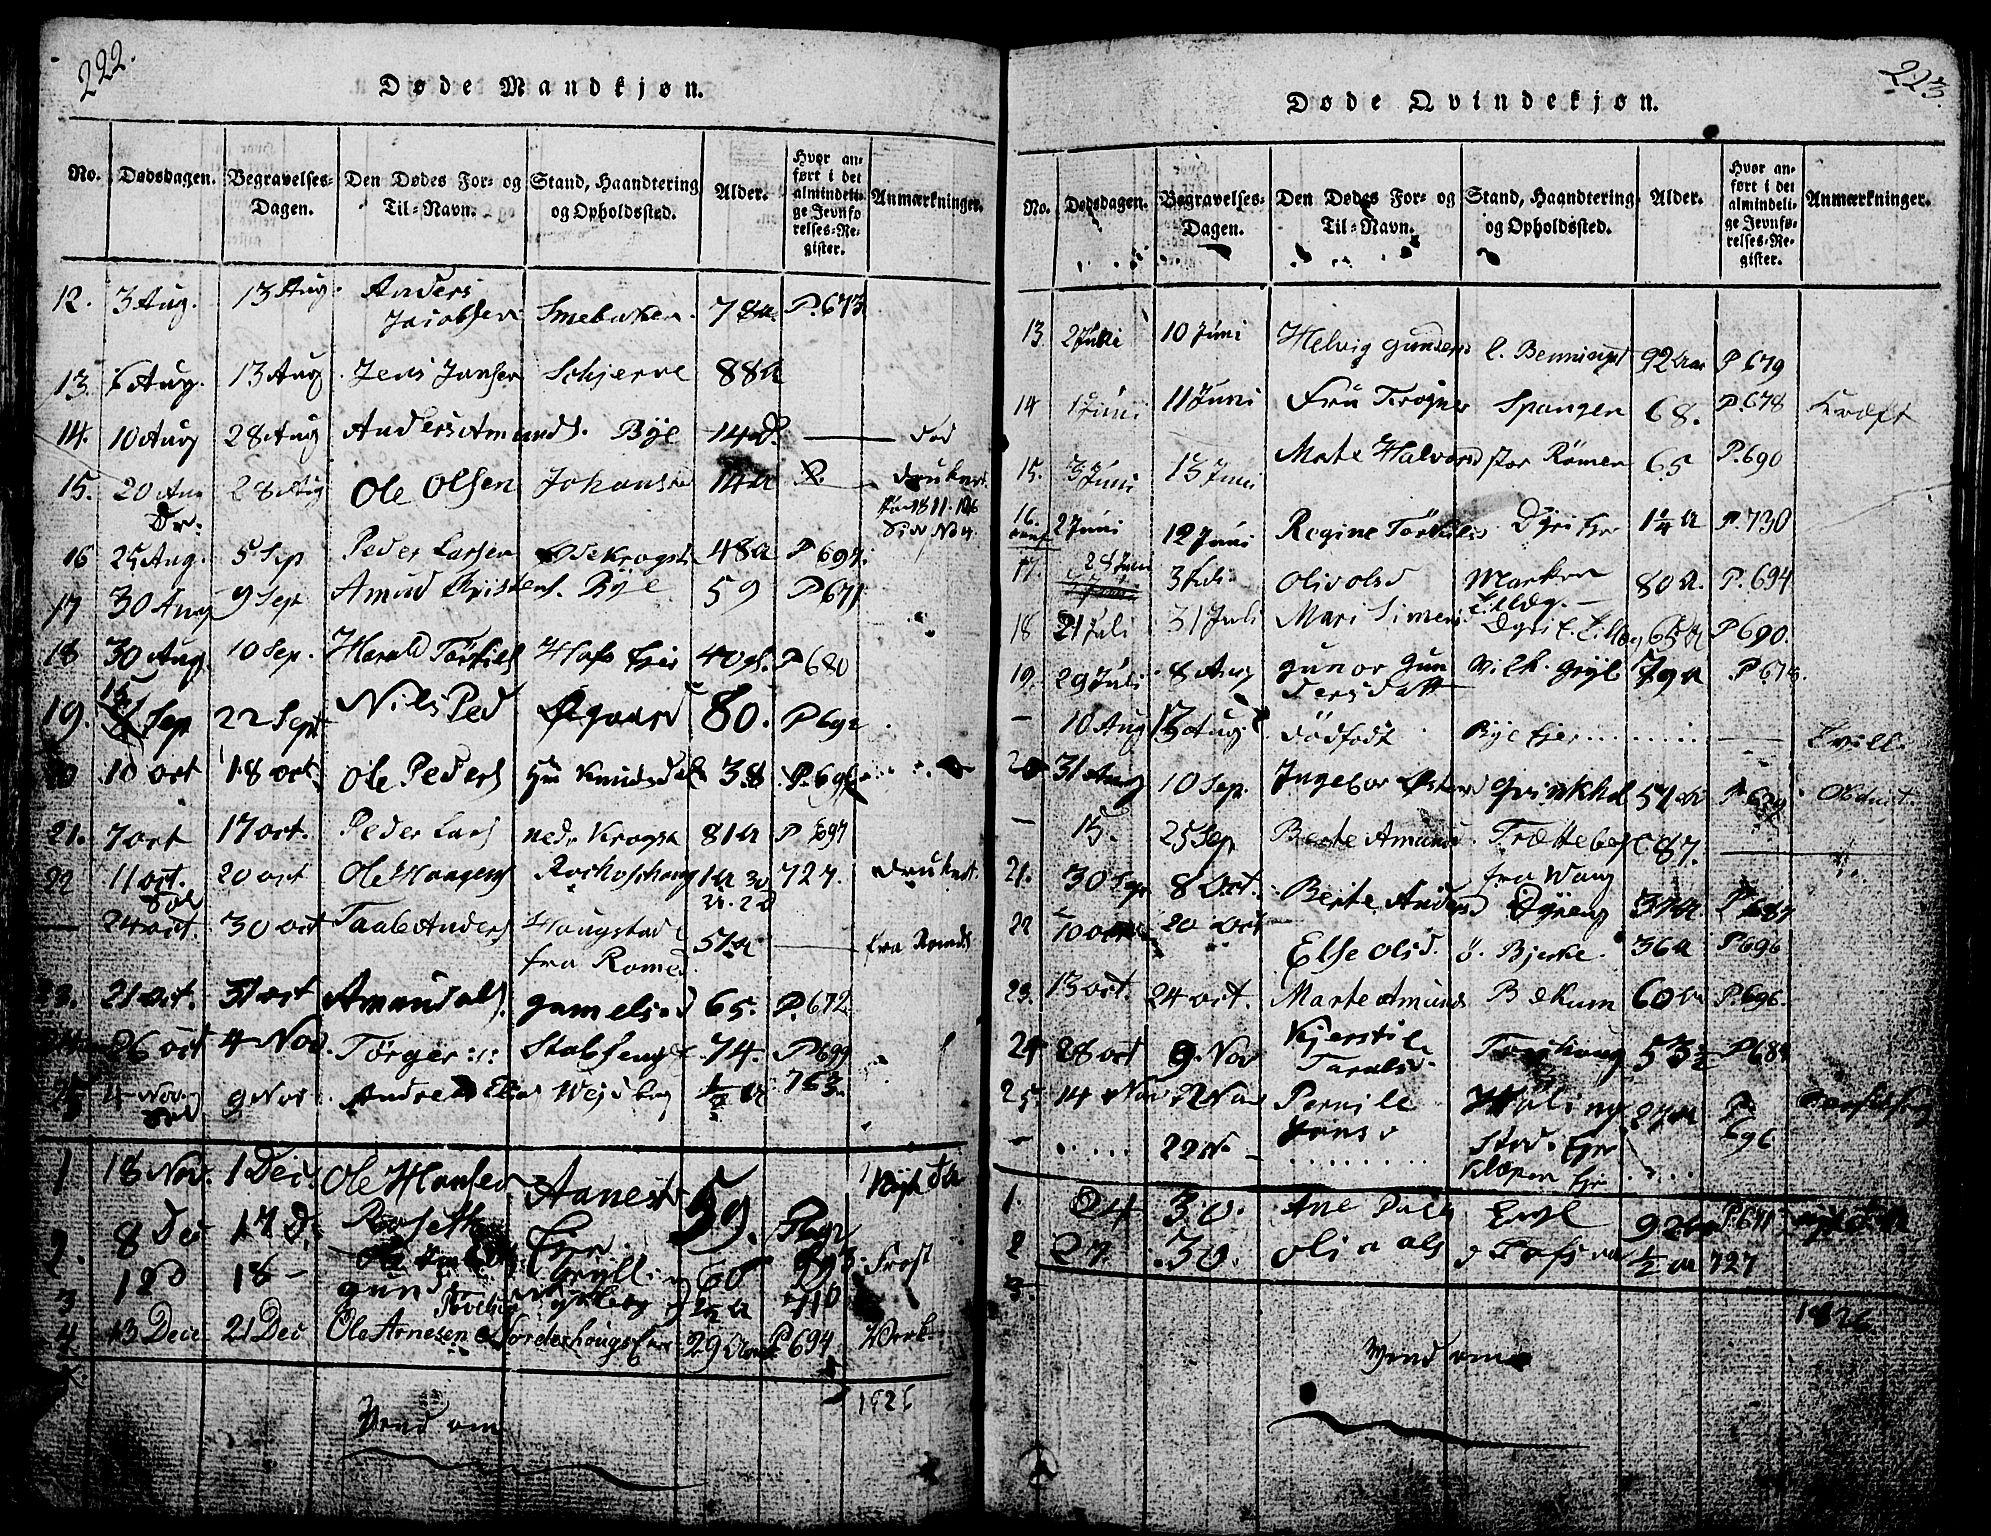 SAH, Løten prestekontor, L/La/L0001: Klokkerbok nr. 1, 1812-1832, s. 222-223